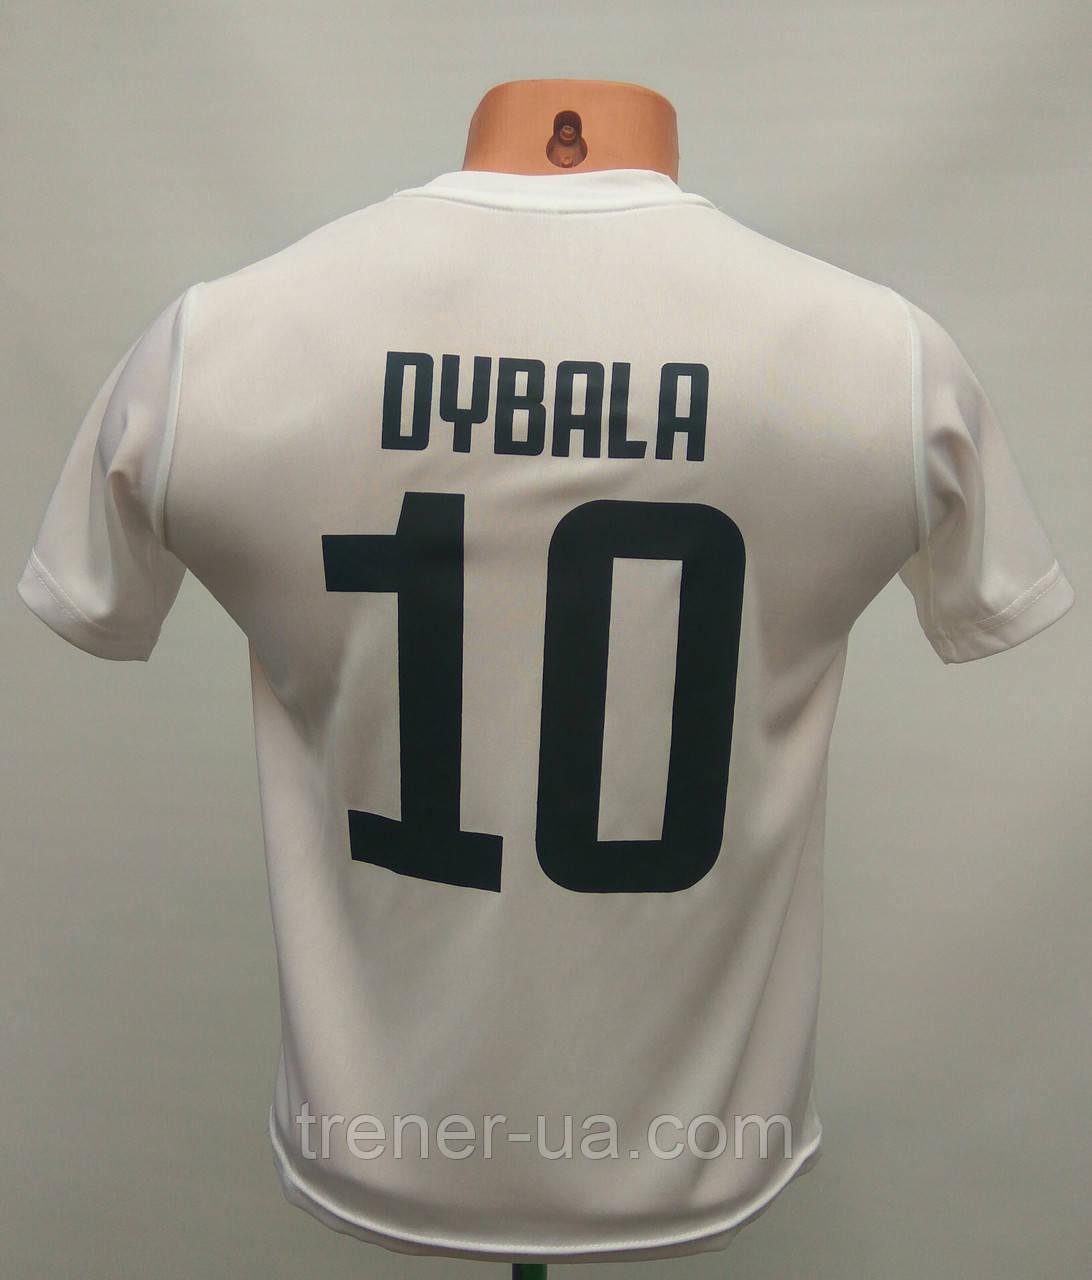 aa30141d Купить Распродажа футбольной формы детской Juventus Dybala 2019